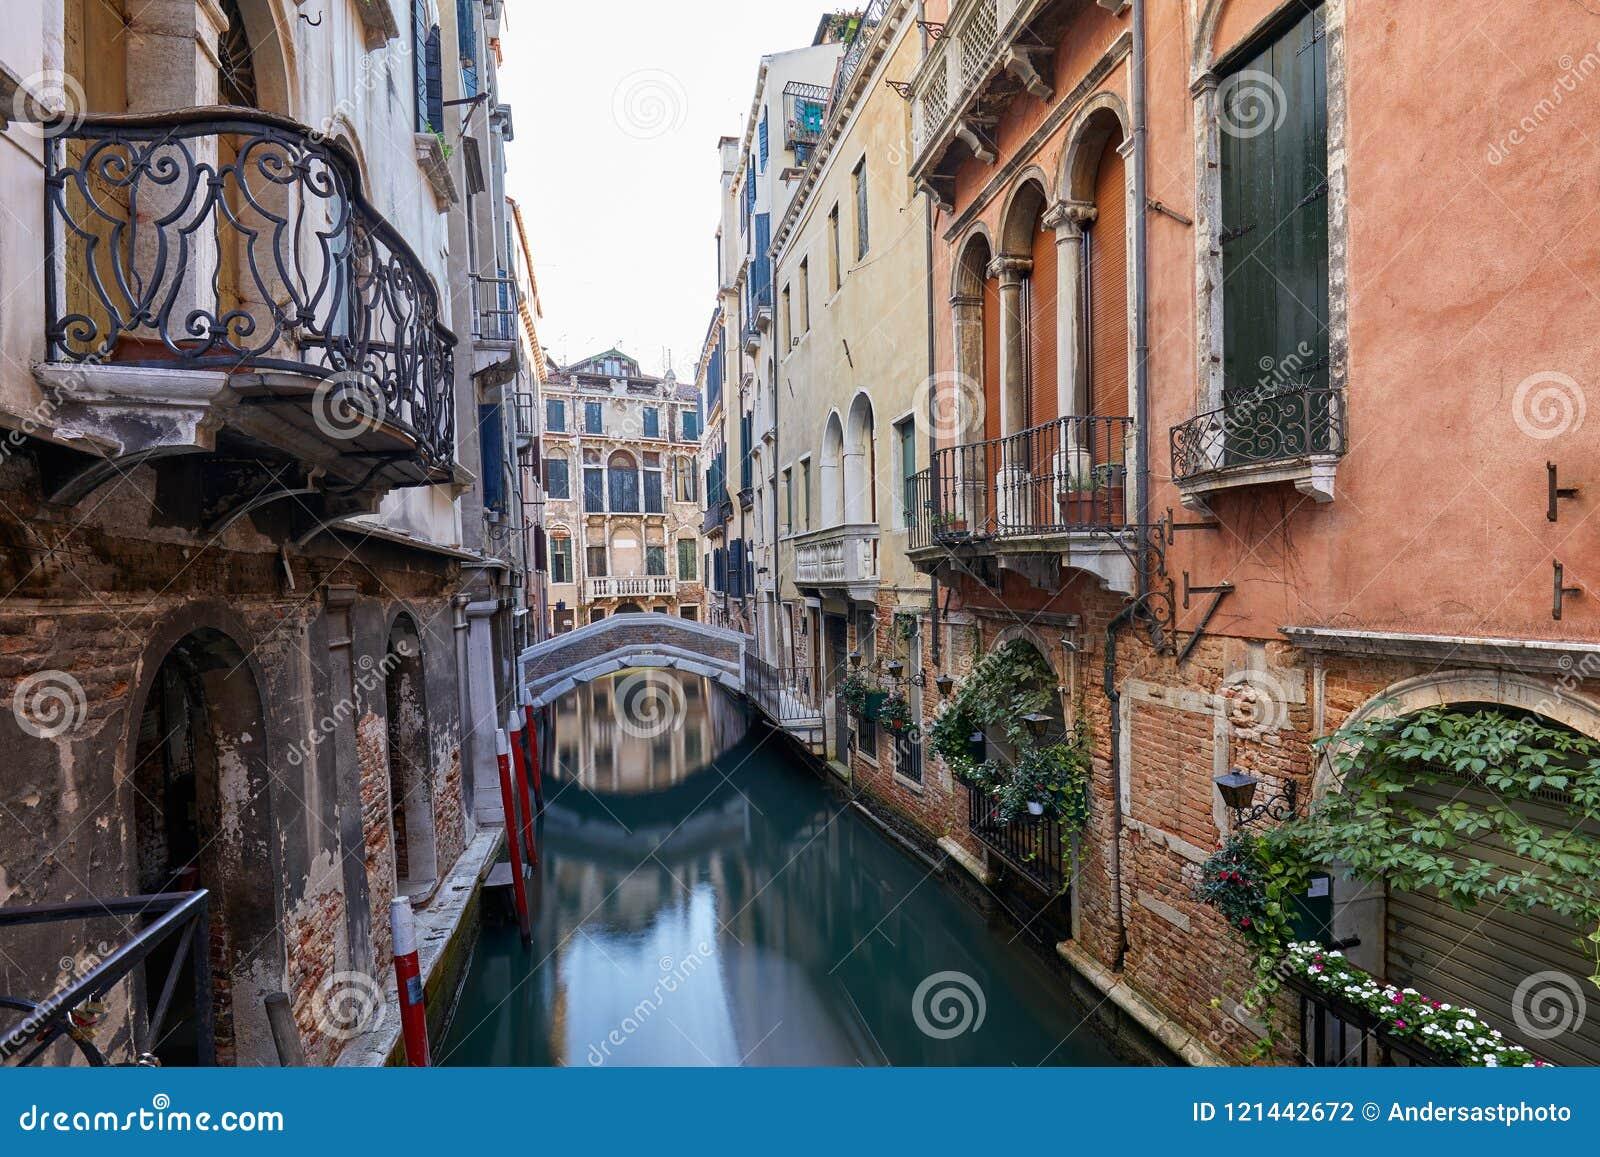 Canal De Venecia Con Los Edificios Y Las Fachadas Antiguos De Las - Fachadas-antiguas-de-casas